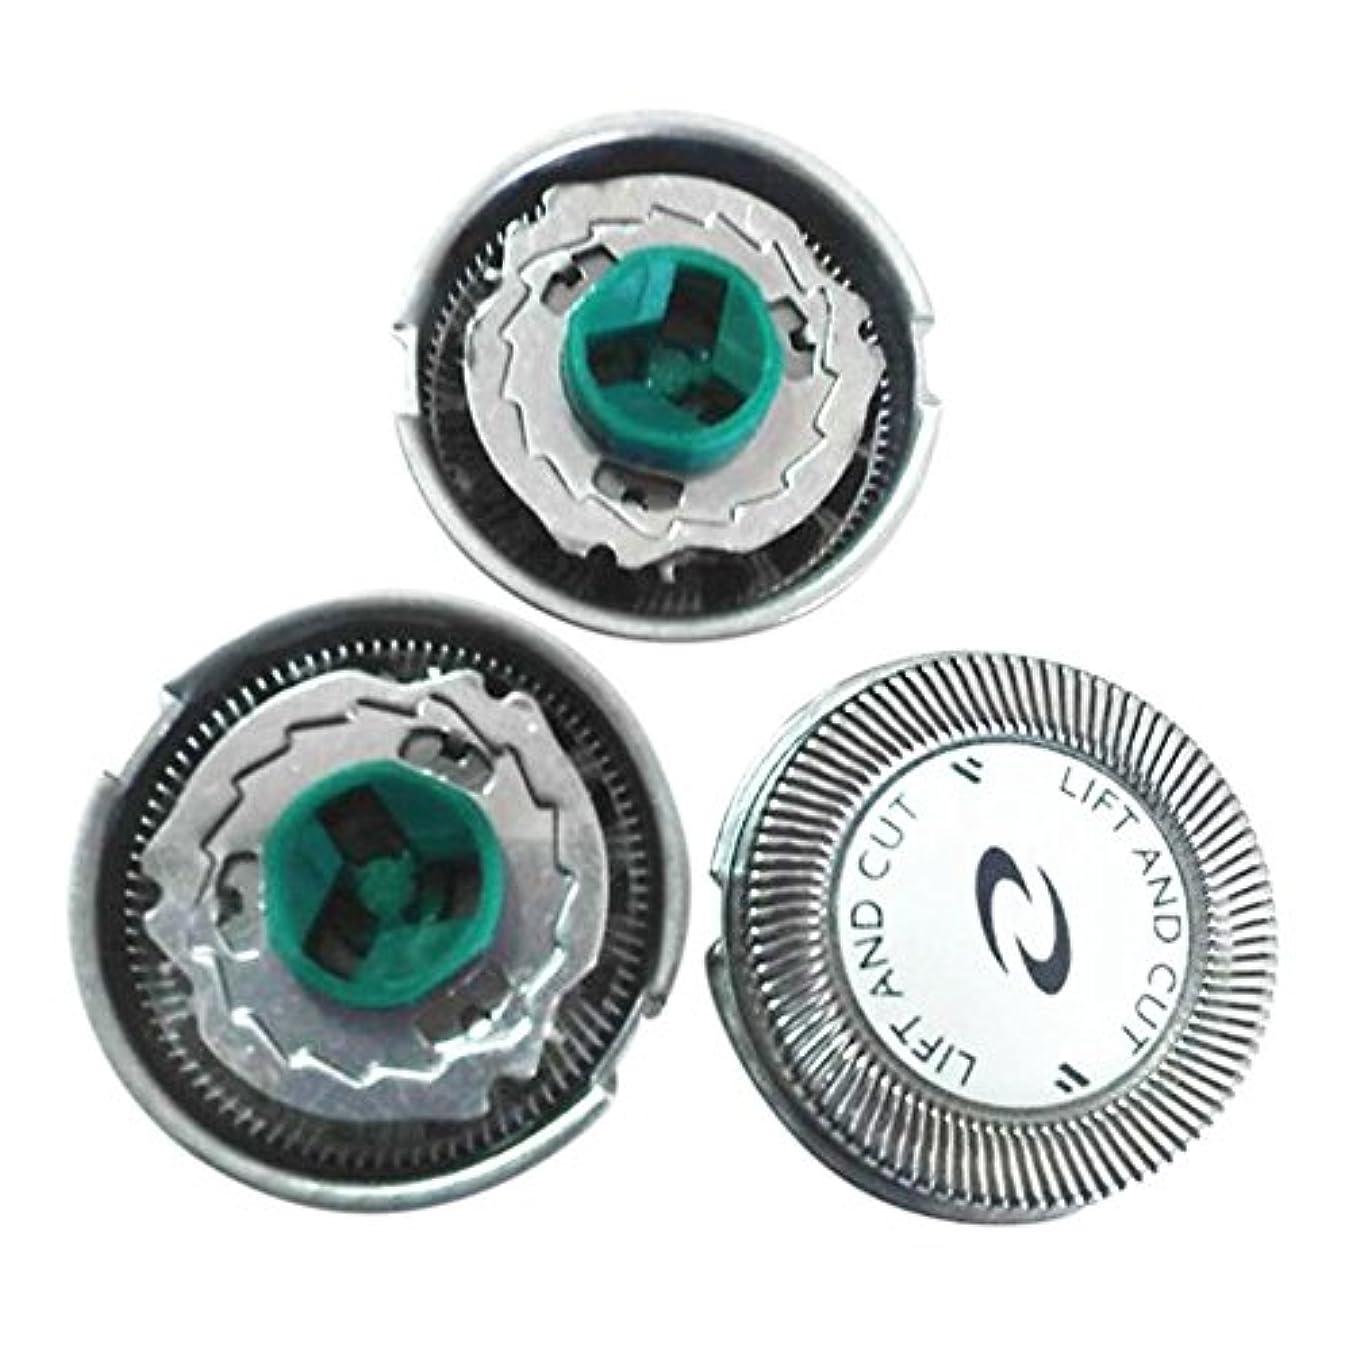 民間ドナウ川スタウトHZjundasi 3x Replacement シェーバーヘッドフォイル+Cutters for Philip HQ5705/5710 PT720 AT750